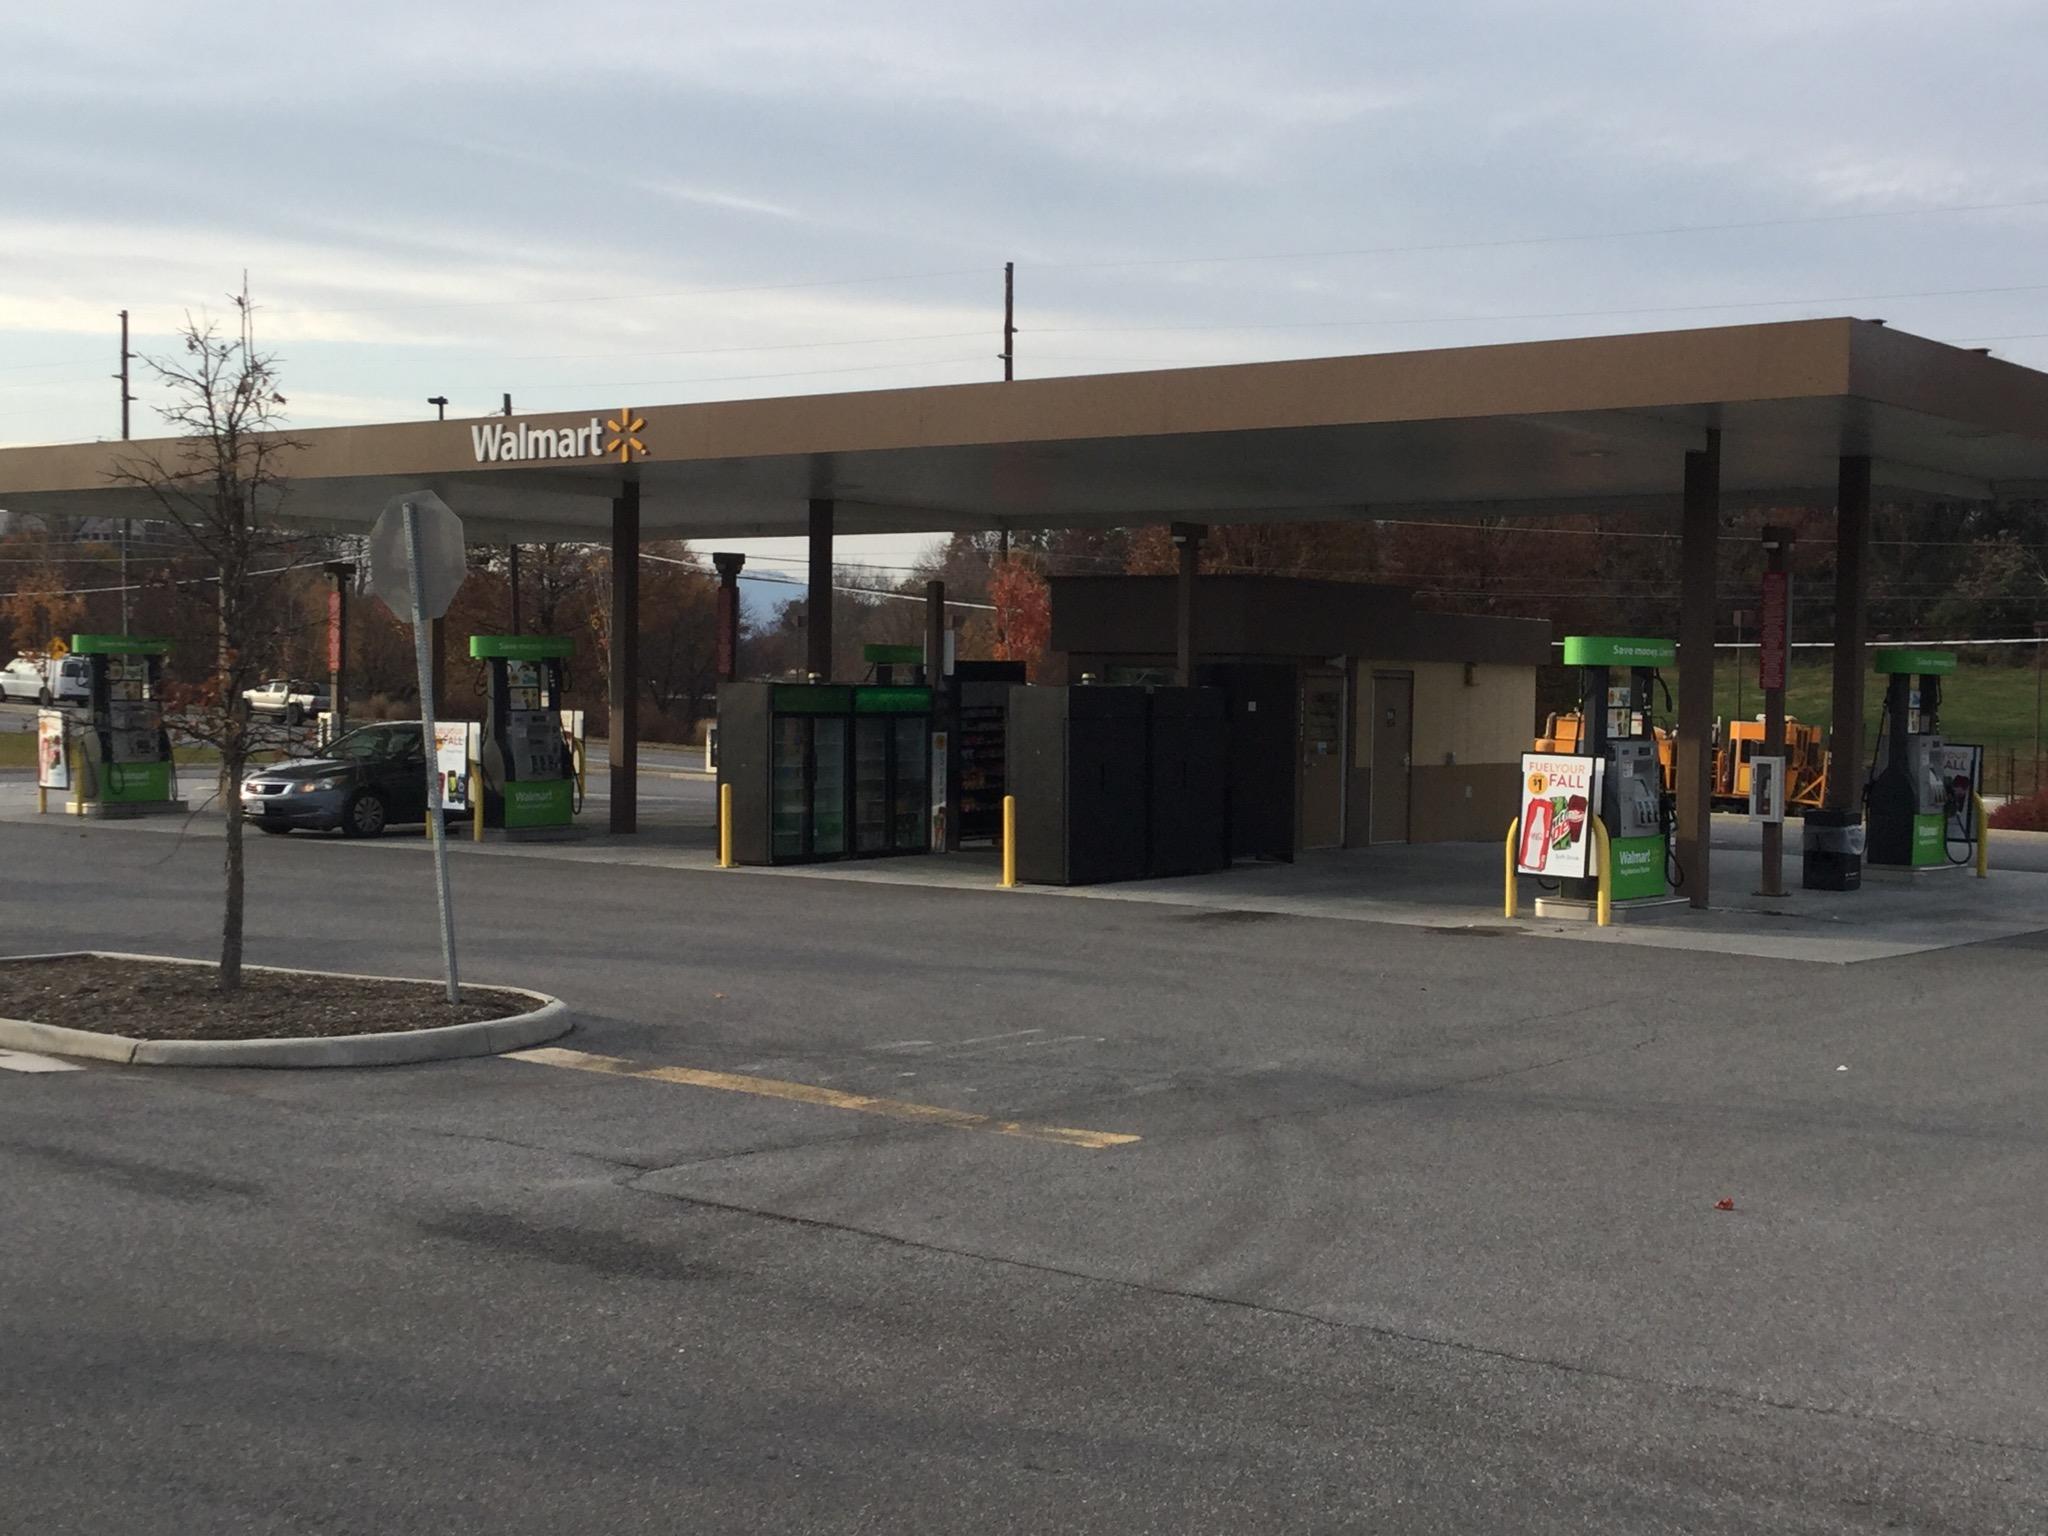 Walmart Gas Station 2141 Dale Ave SE, Roanoke